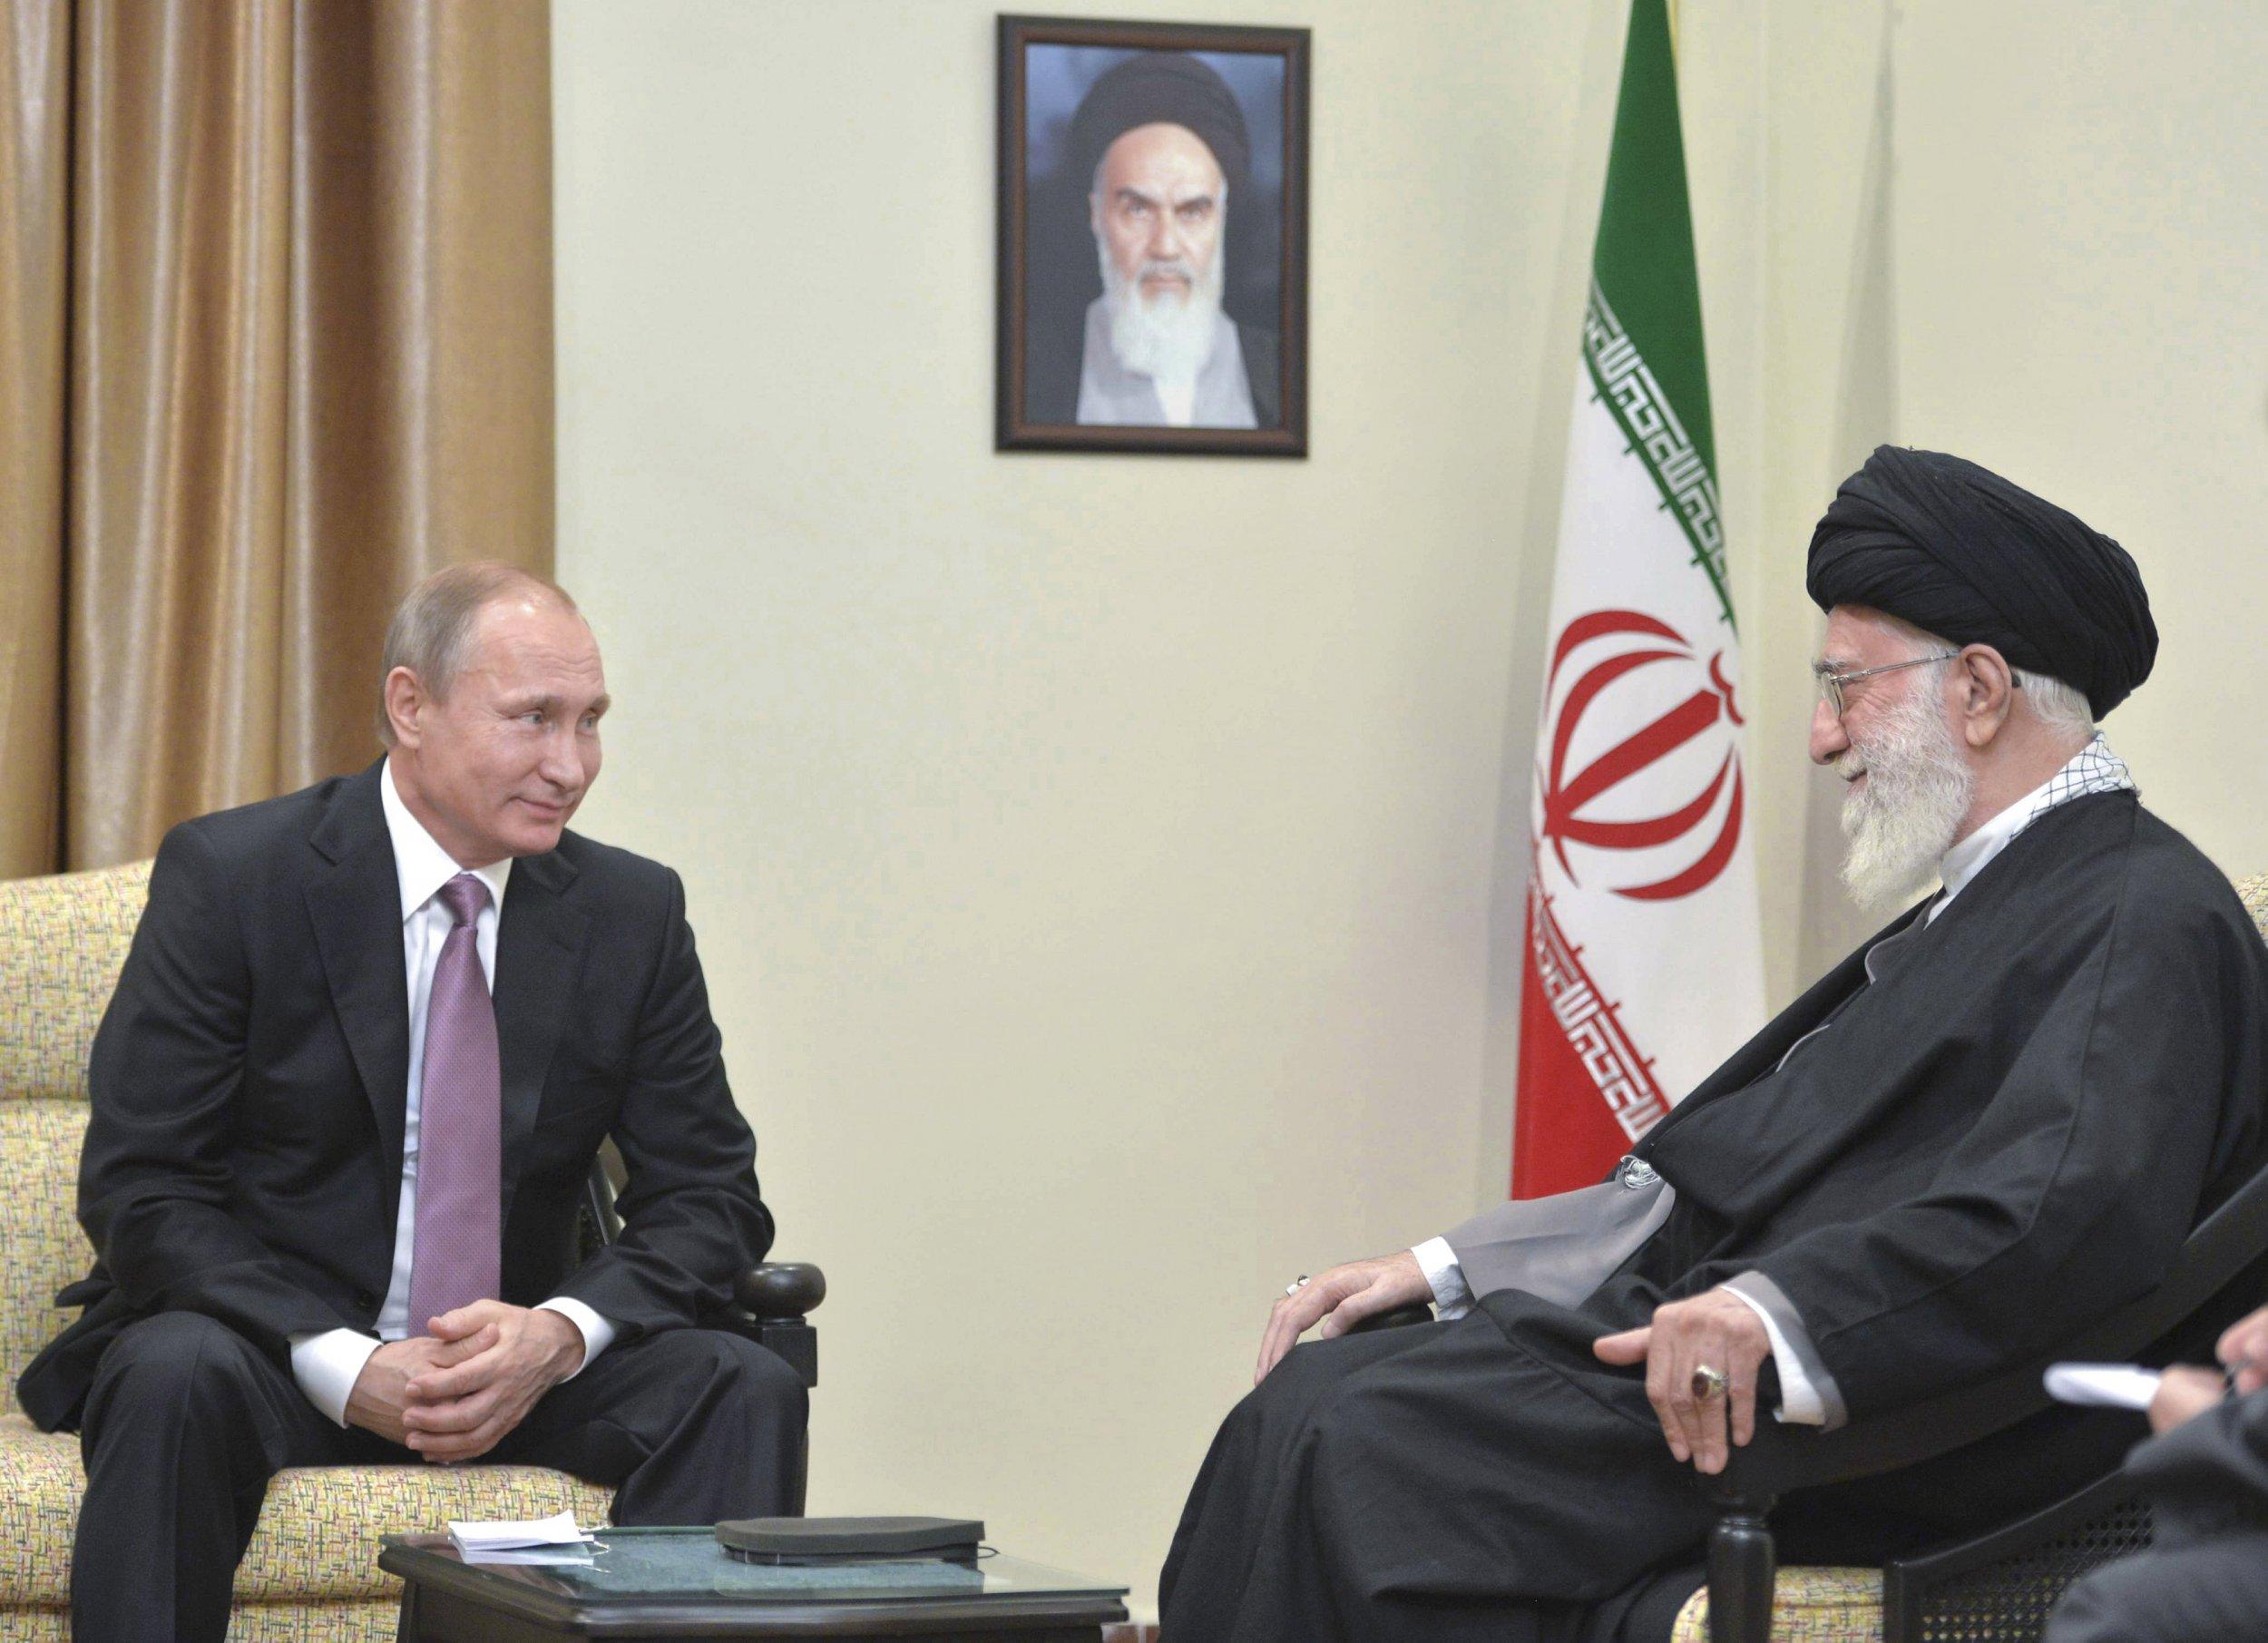 2015-12-18T224637Z_2_LYNXMPEBBH1F9_RTROPTP_4_RUSSIA-IRAN-GAS-SUMMIT